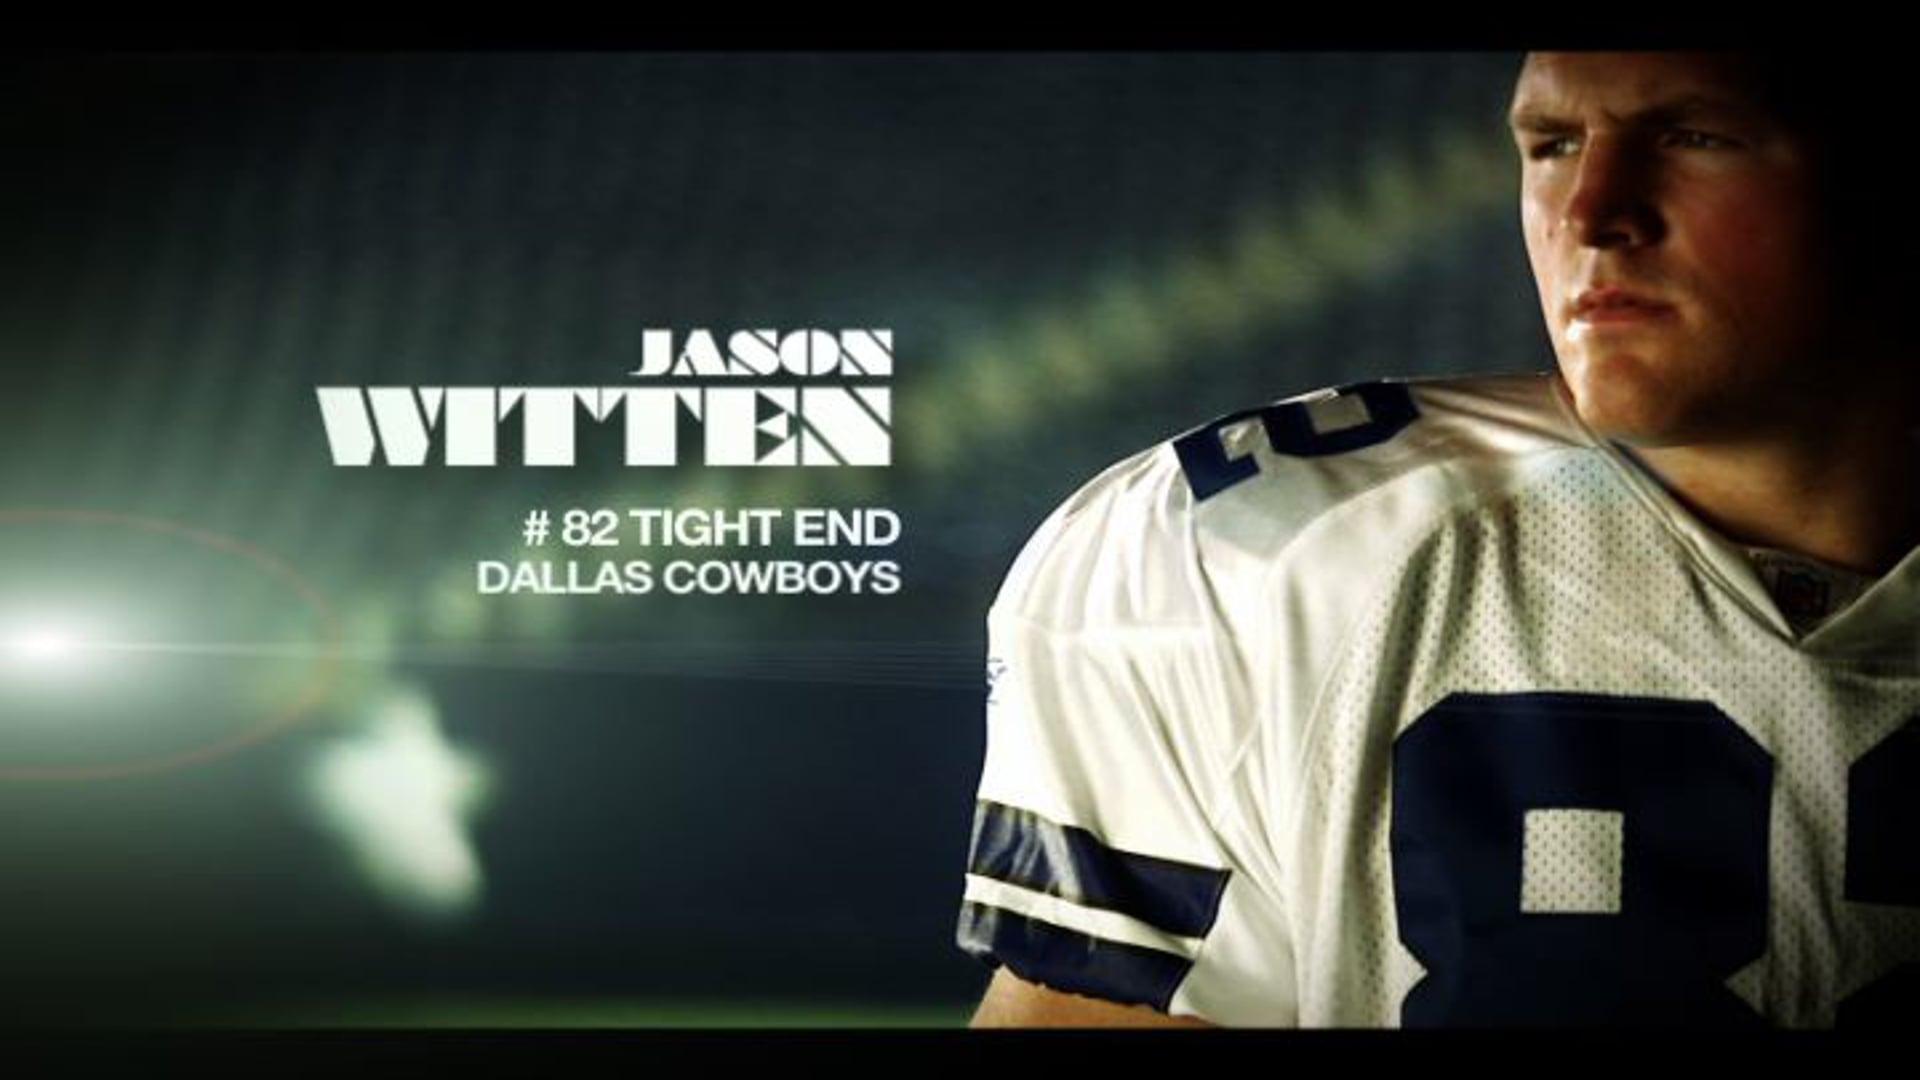 Jason Witten TV Commercial